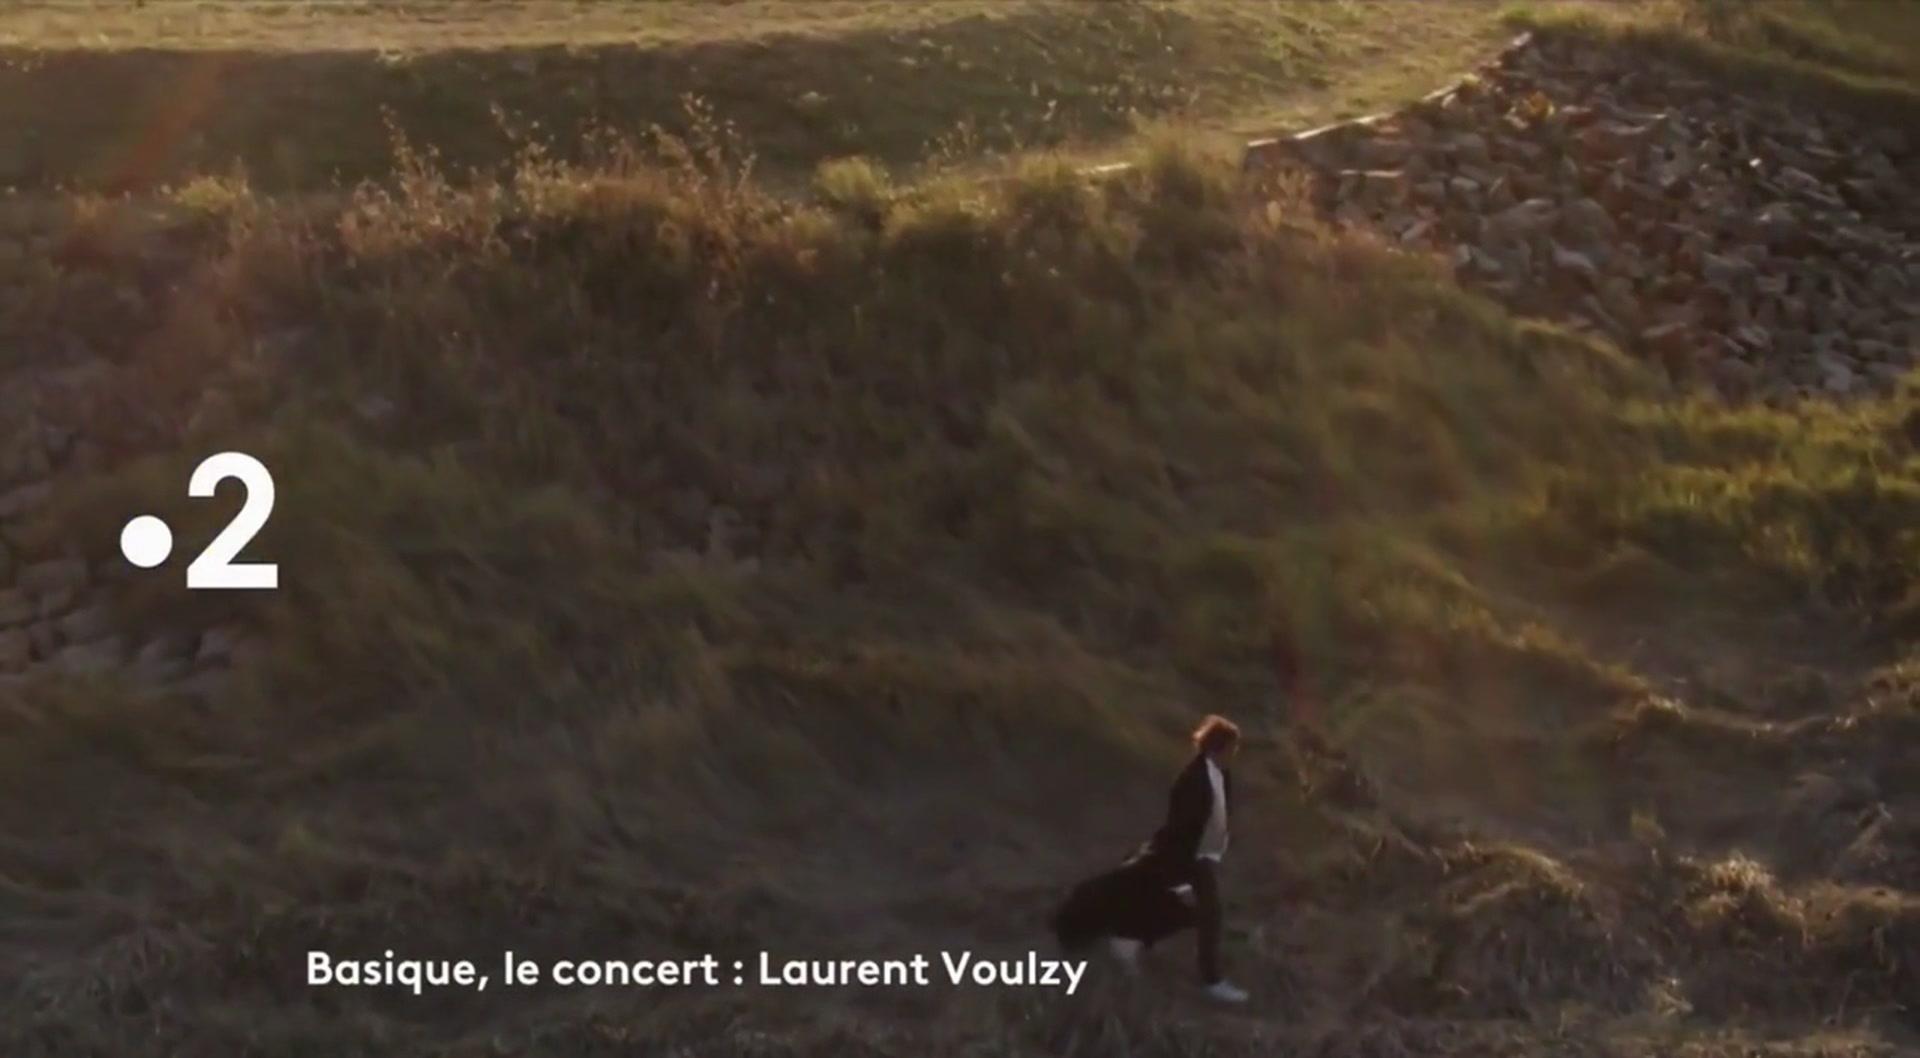 Basique, le concert : Laurent Voulzy